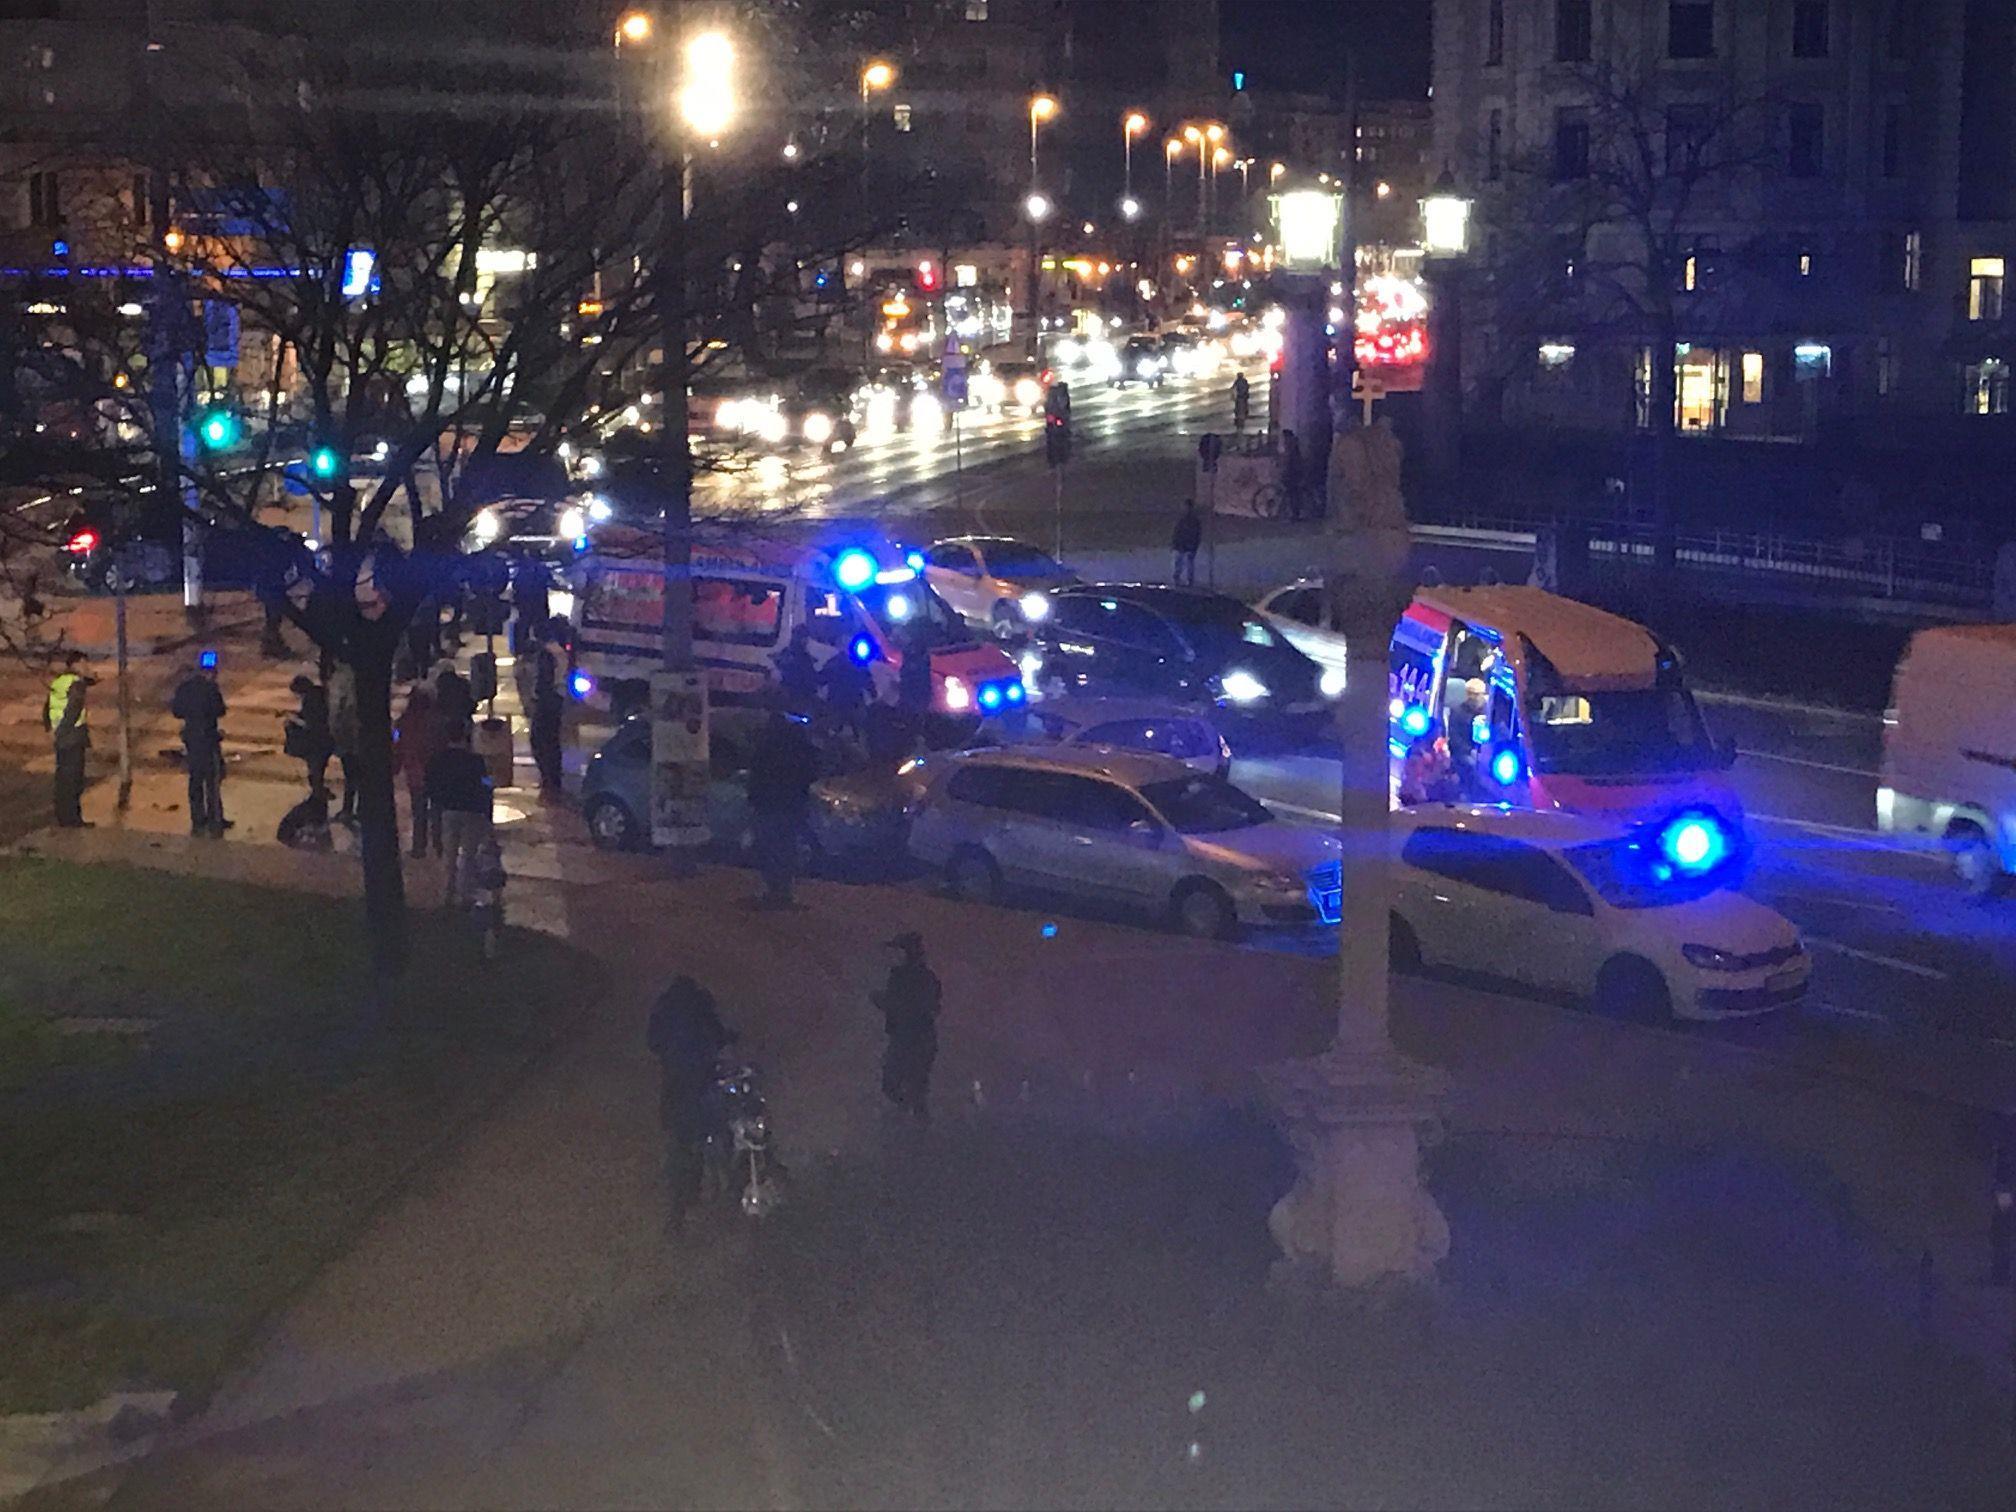 Bei dem Unfall in der Wiener City wurden sechs Menschen verletzt.